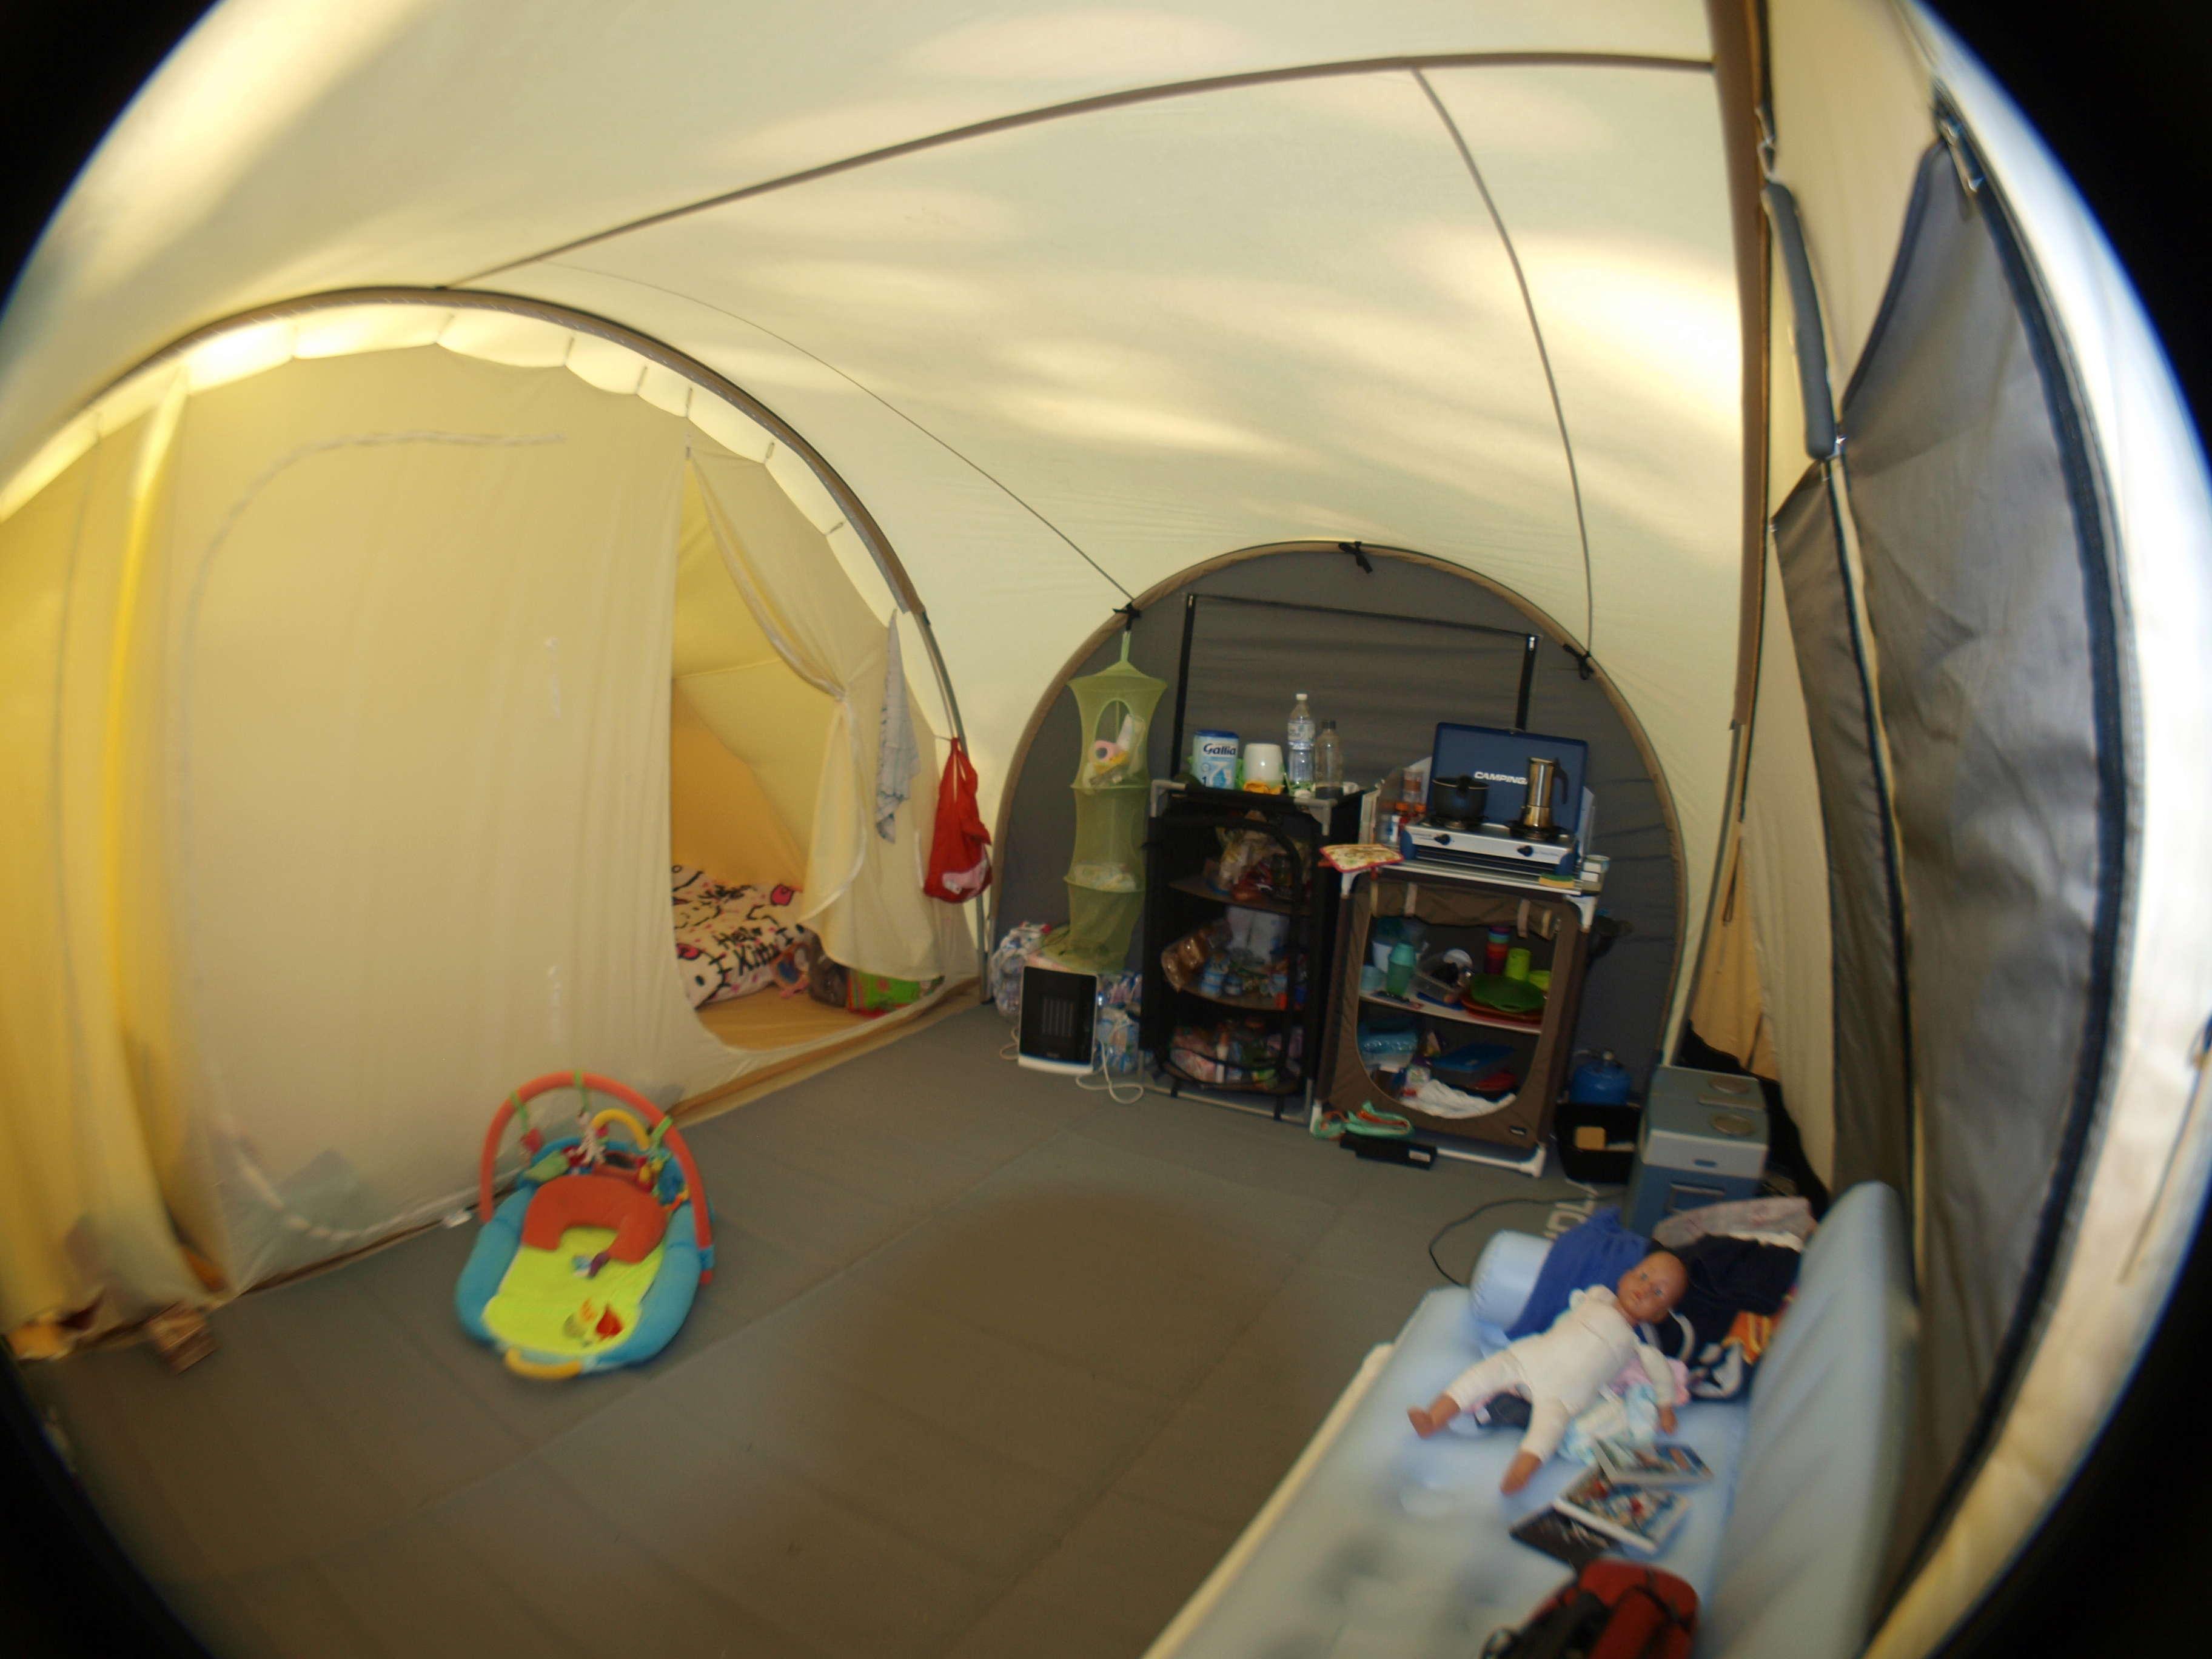 karsten - Long séjour sous une tente tunnel karsten  P8146312